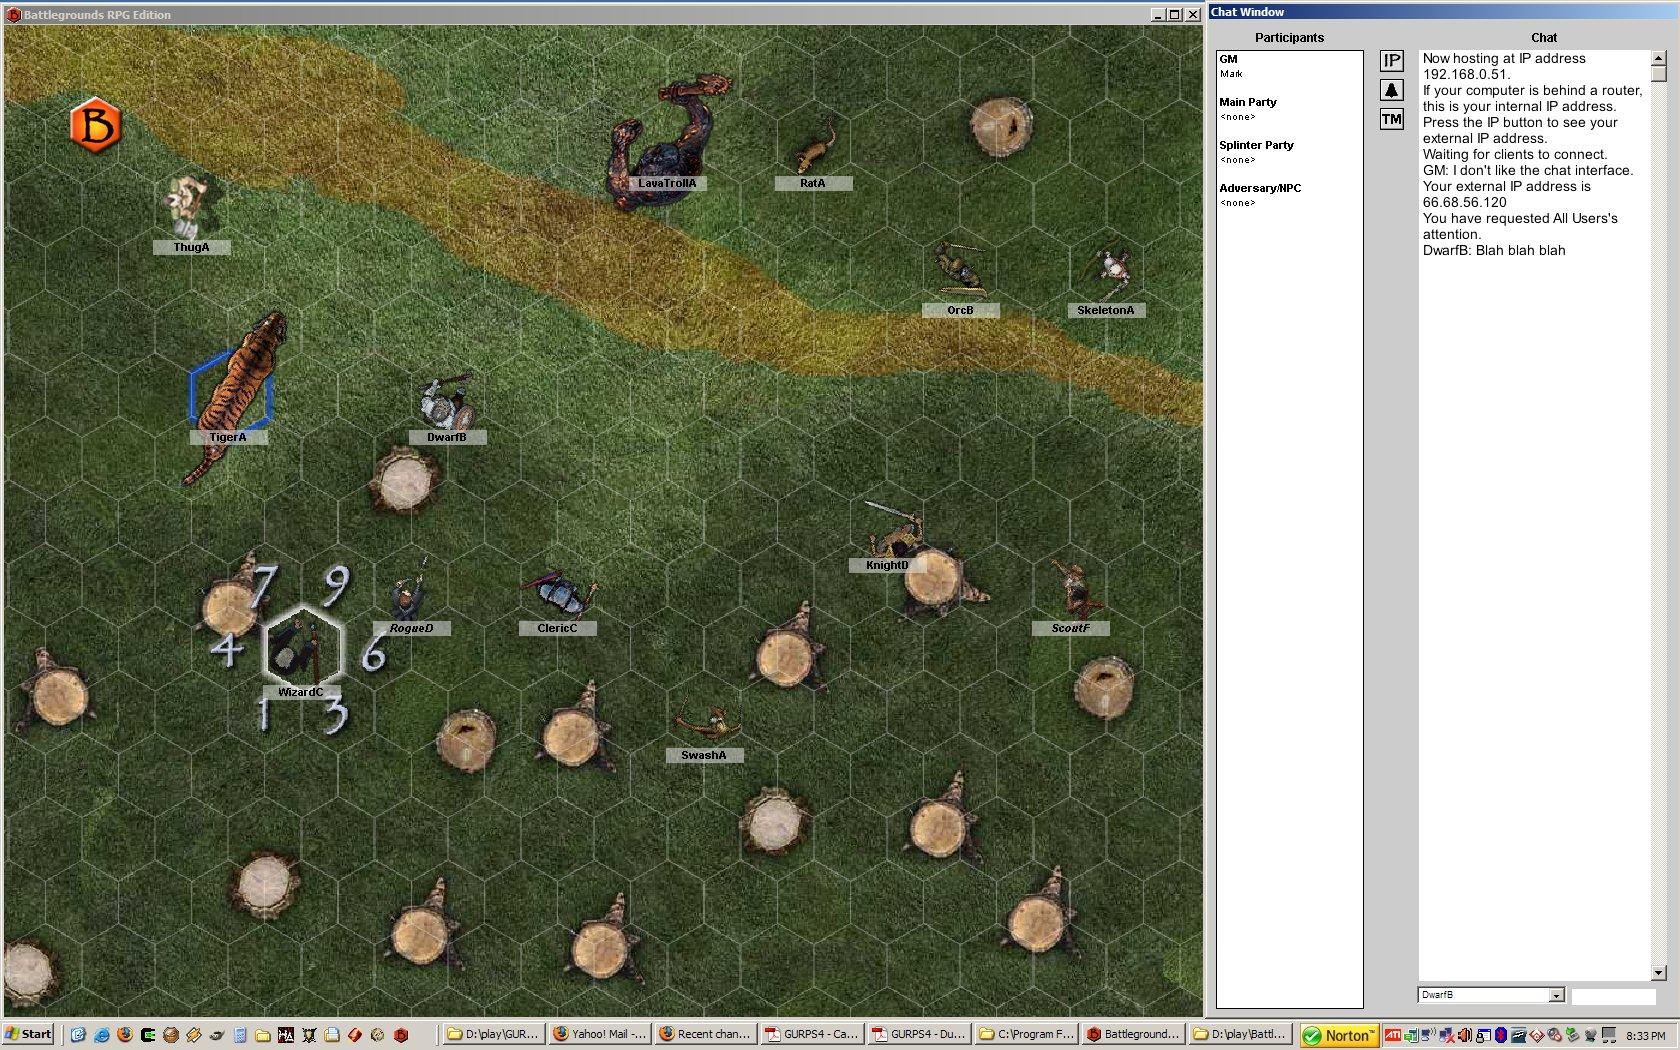 BattlegroundRPG-topdown